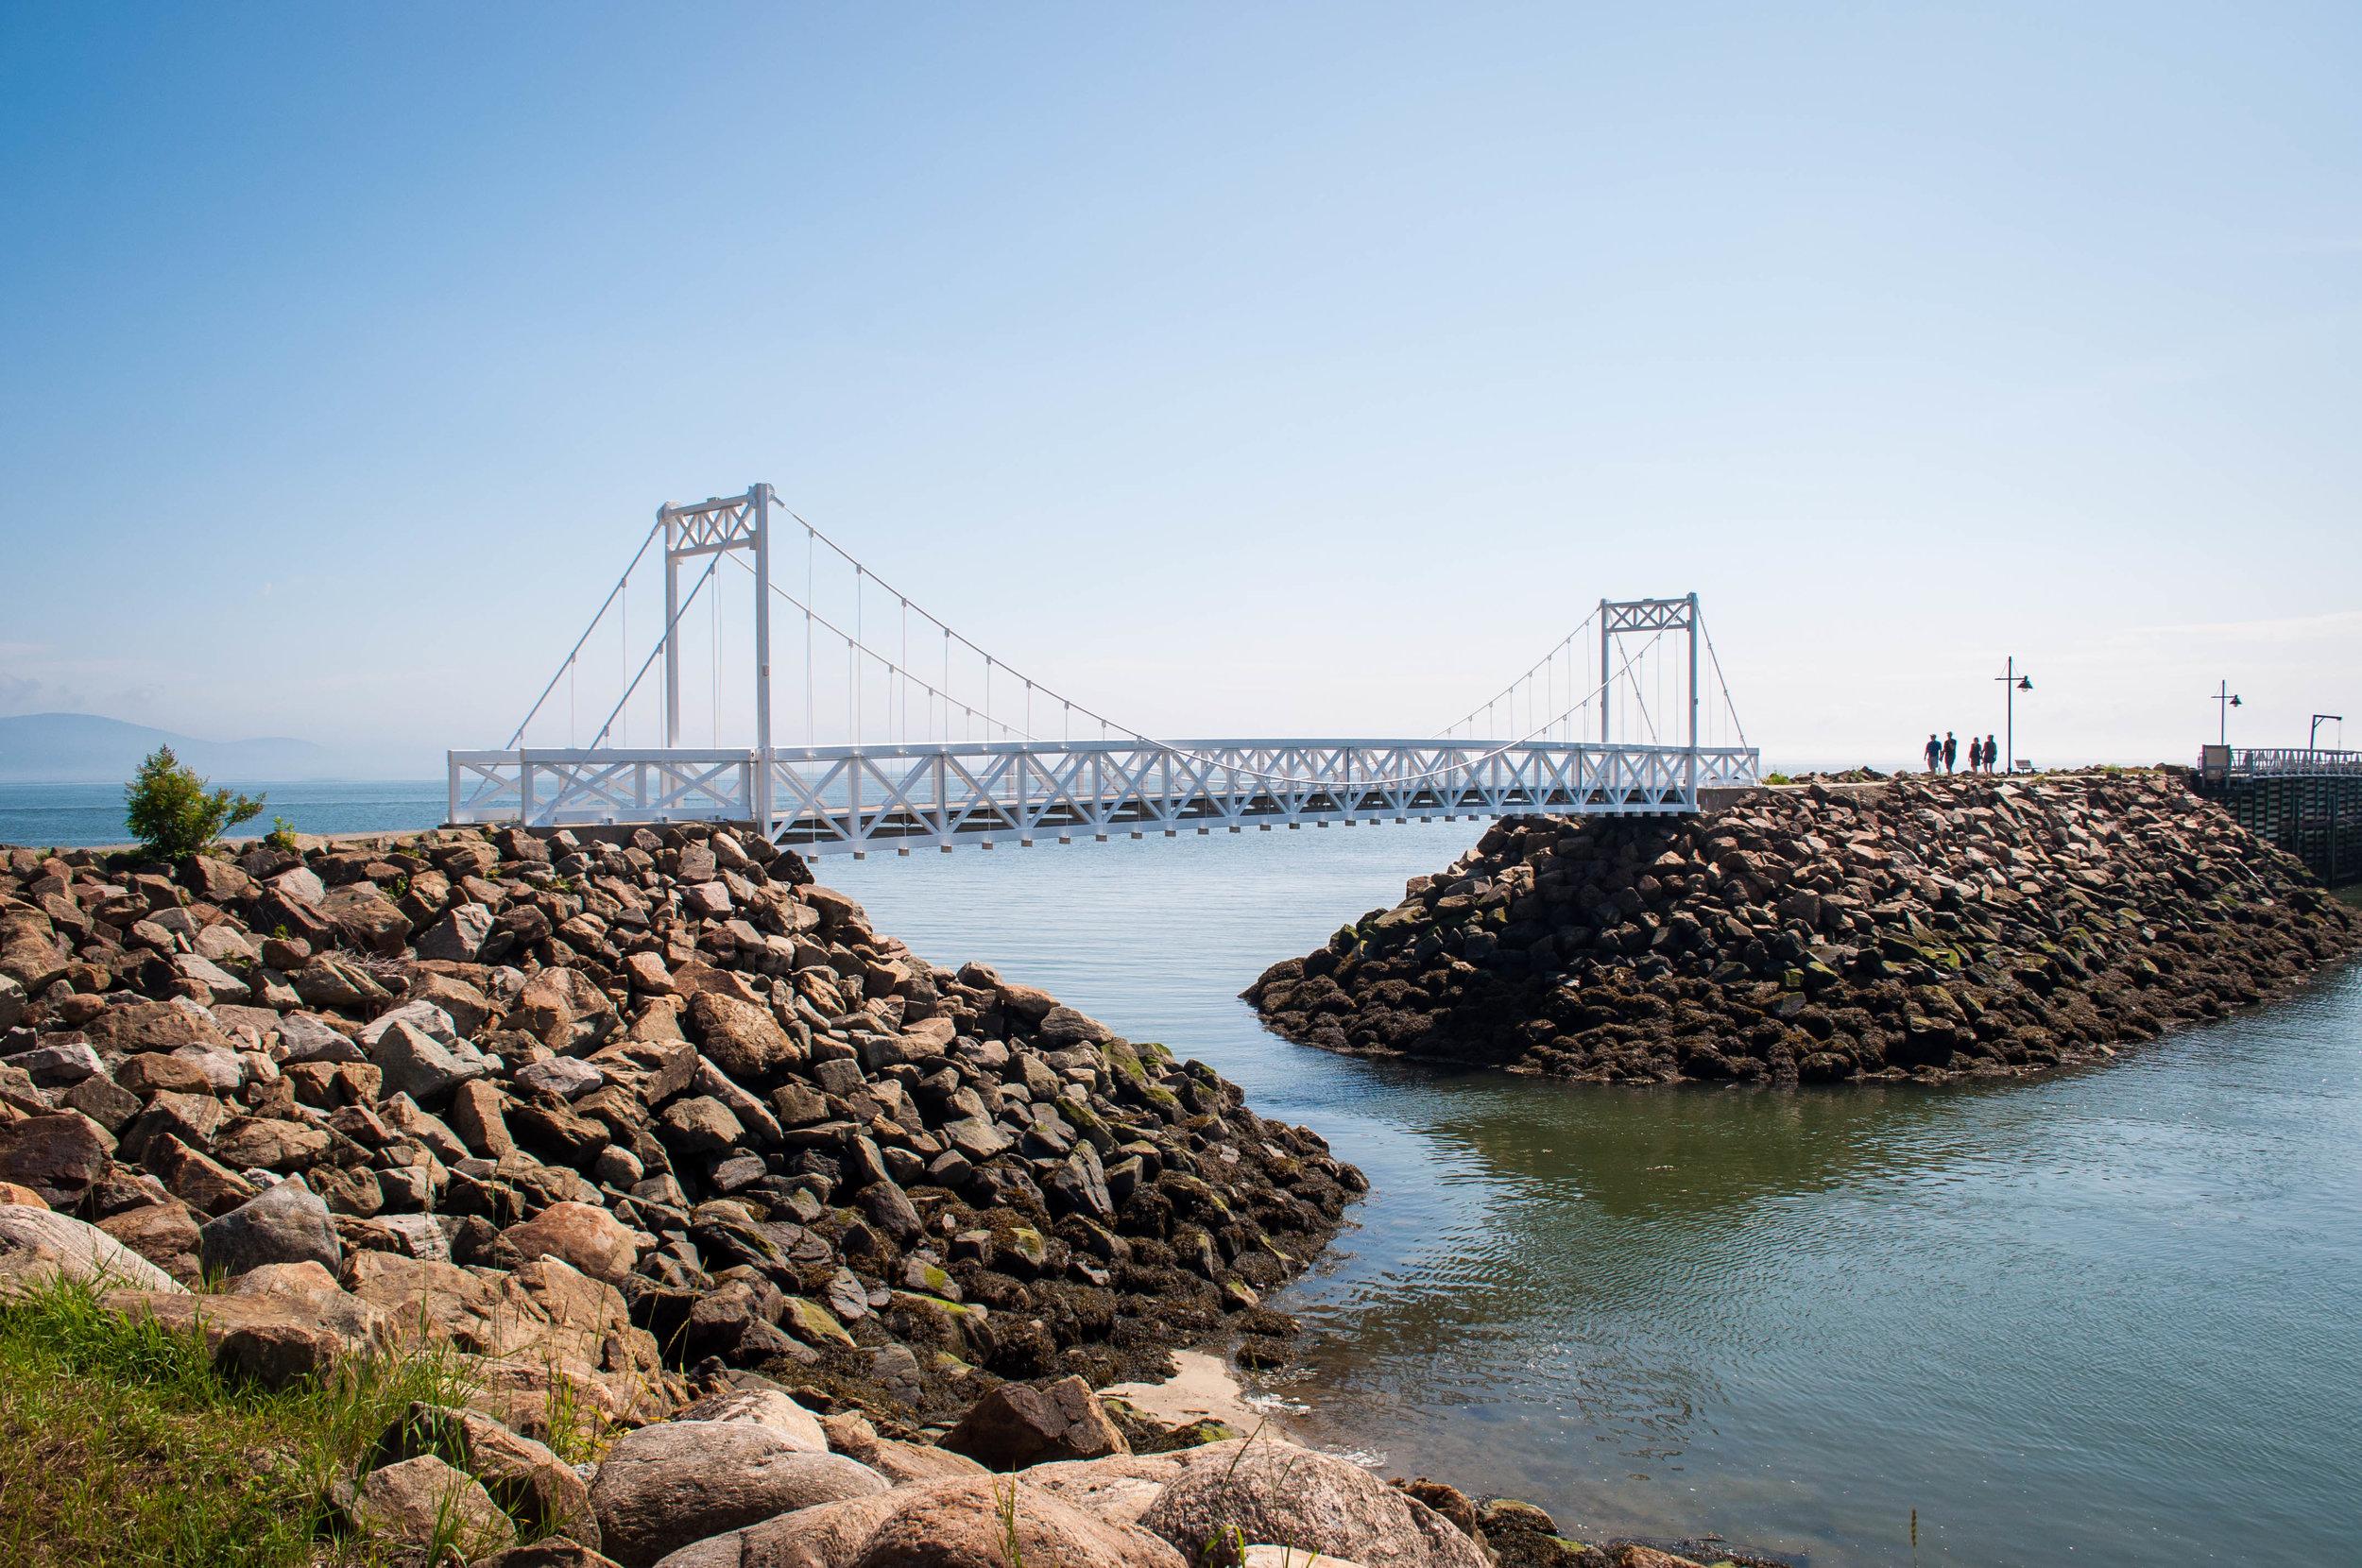 Pointe au Pic, a small white suspended bridge